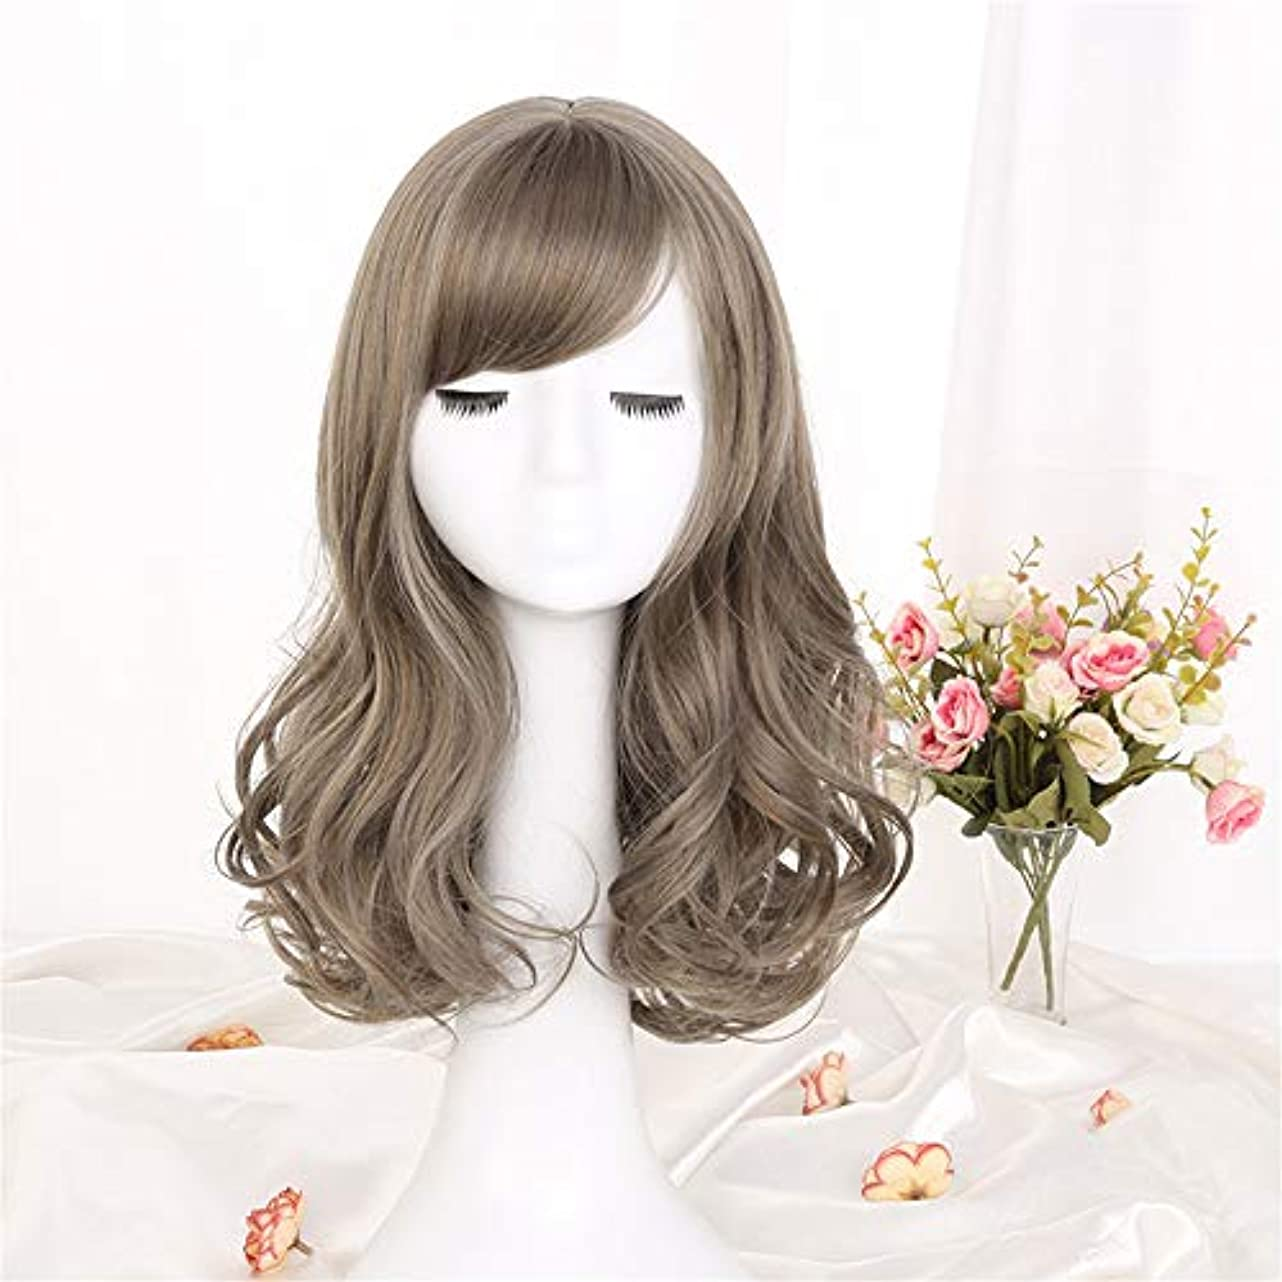 ショートカットマークされたニックネームウィッグ髪化学繊維フードミディアム長波高温合成繊維ウィッグ女性用ウィッググリーンウッドリネンアッシュ42cm